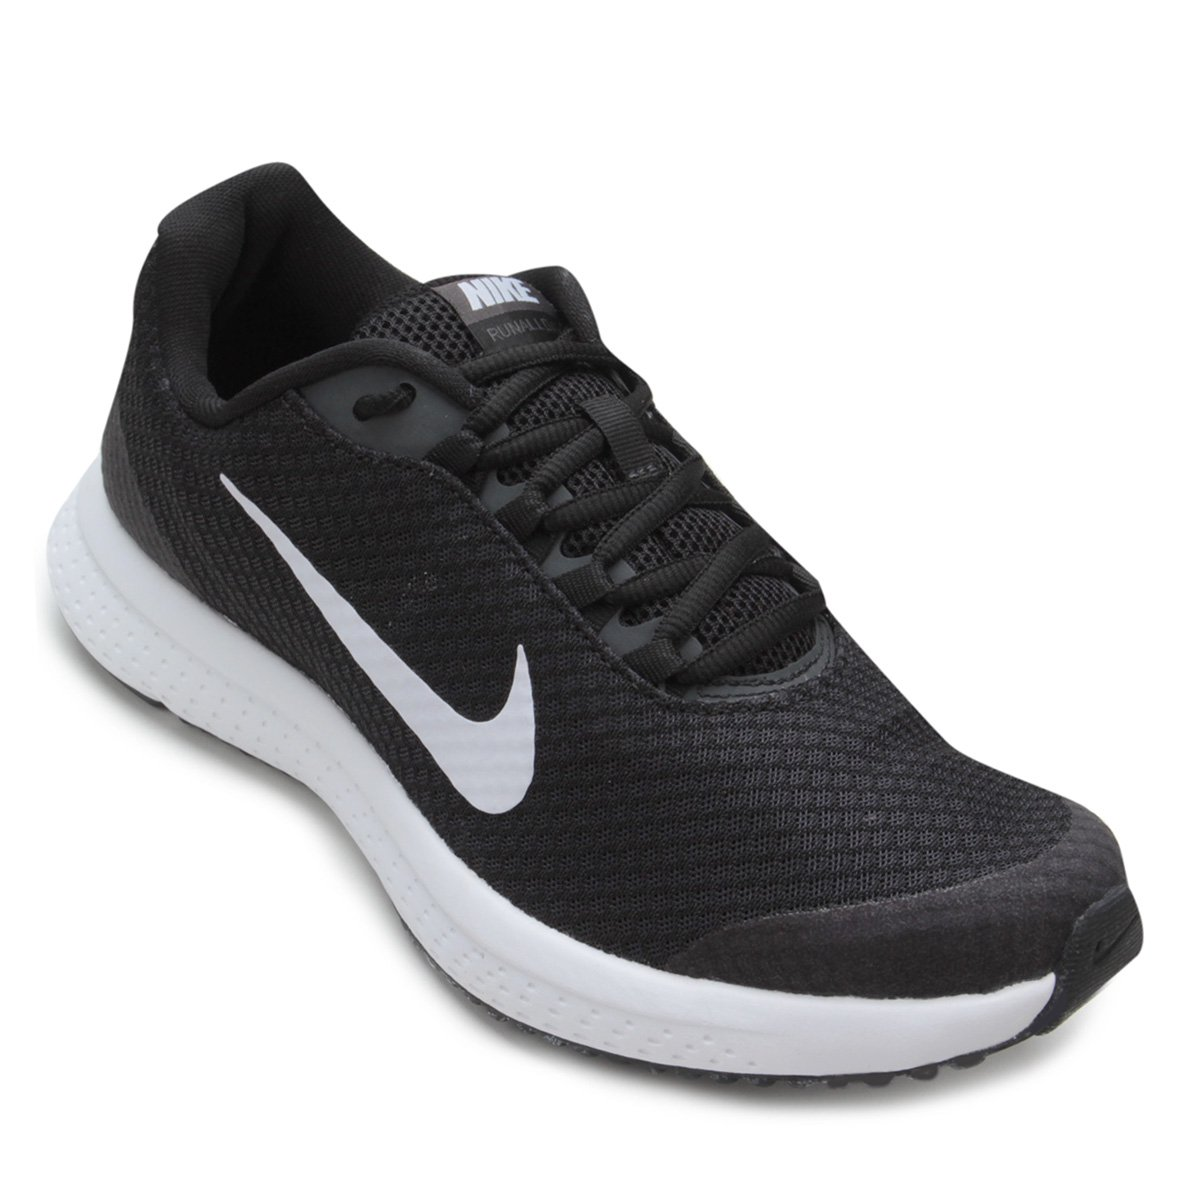 99143c8d5c7 Tênis Nike Runallday Feminino - Preto e Cinza - Compre Agora